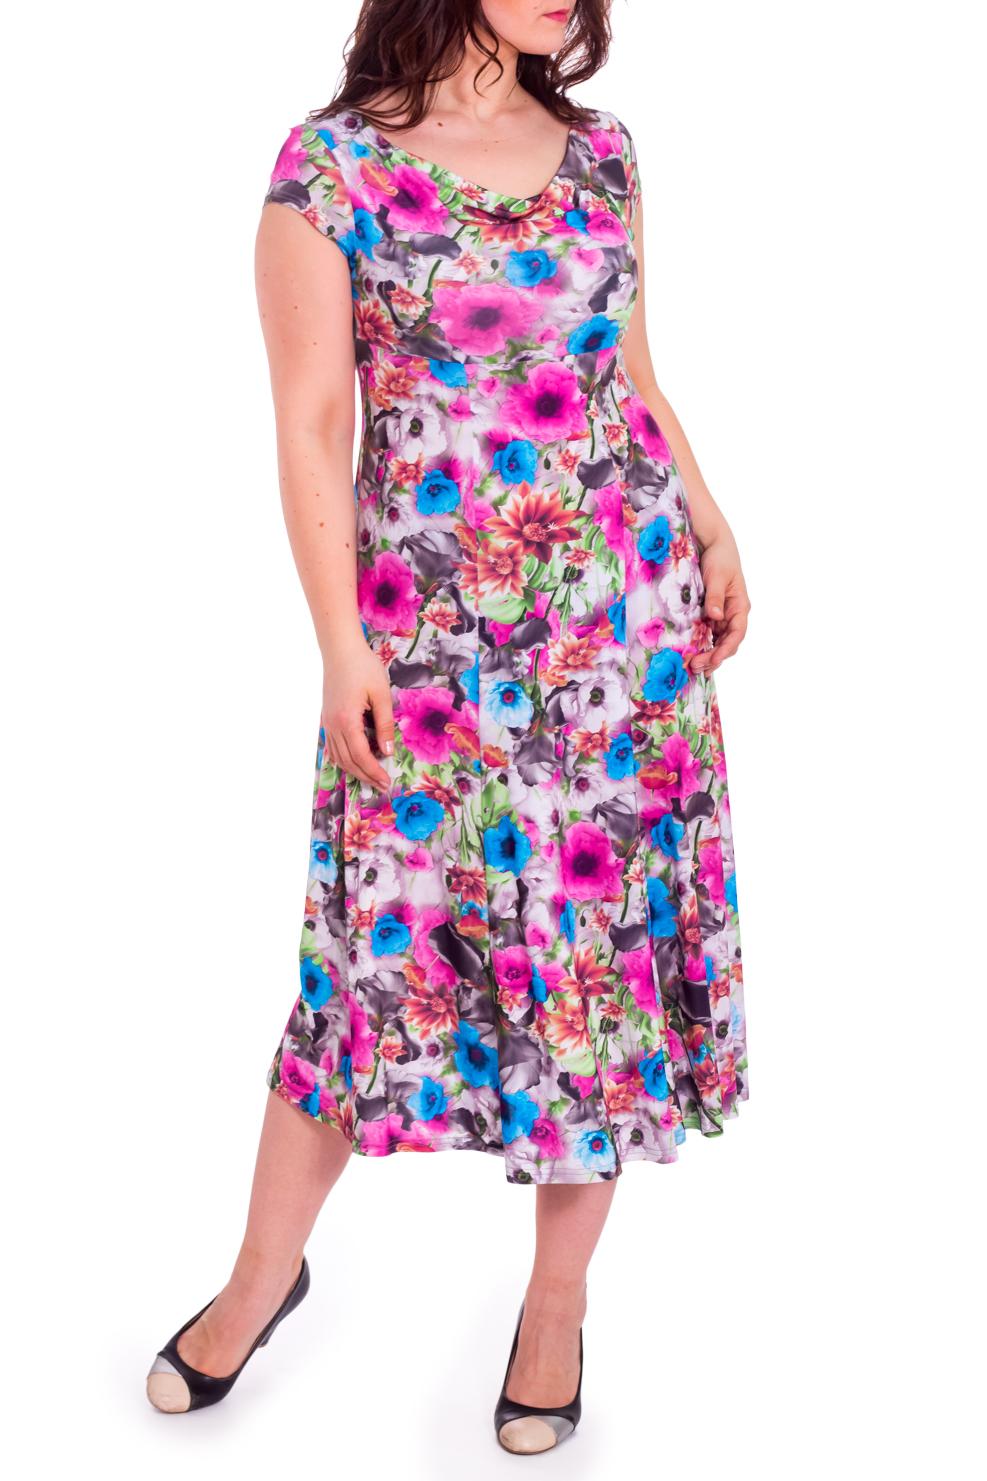 ПлатьеПлатья<br>Яркое платье длиной миди. Модель выполнена из приятного трикотажас цветочным принтом. Платье станет прекрасной составляющей Вашего повседневного гардероба. Ростовка изделия 164 см.  В изделии использованы цвета: розовый, белый и др.  Рост девушки-фотомодели 180 см  Параметры размеров: 42 размер - обхват груди 84 см., обхват талии 66 см., обхват бедер 90 см. 44 размер - обхват груди 88 см., обхват талии 70 см., обхват бедер 94 см. 46 размер - обхват груди 92 см., обхват талии 74 см., обхват бедер 98 см. 48 размер - обхват груди 96 см., обхват талии 78 см., обхват бедер 102 см. 50 размер - обхват груди 100 см., обхват талии 82 см., обхват бедер 106 см. 52 размер - обхват груди 104 см., обхват талии 86 см., обхват бедер 110 см. 54 размер - обхват груди 108 см., обхват талии 92 см., обхват бедер 116 см. 56 размер - обхват груди 112 см., обхват талии 98 см., обхват бедер 122 см. 58 размер - обхват груди 116 см., обхват талии 104 см., обхват бедер 128 см. 60 размер - обхват груди 120 см., обхват талии 110 см., обхват бедер 134 см. 62 размер - обхват груди 124 см., обхват талии 118 см., обхват бедер 140 см. 64 размер - обхват груди 128 см., обхват талии 126 см., обхват бедер 146 см. 66 размер - обхват груди 132 см., обхват талии 132 см., обхват бедер 152 см. 68 размер - обхват груди 138 см., обхват талии 140 см., обхват бедер 158 см.<br><br>Горловина: Качель<br>По длине: Миди,Ниже колена<br>По материалу: Трикотаж<br>По рисунку: Растительные мотивы,С принтом,Цветные,Цветочные<br>По силуэту: Приталенные<br>По стилю: Летний стиль,Повседневный стиль<br>По форме: Платье - трапеция<br>Рукав: Короткий рукав<br>По сезону: Лето<br>Размер : 46<br>Материал: Холодное масло<br>Количество в наличии: 1